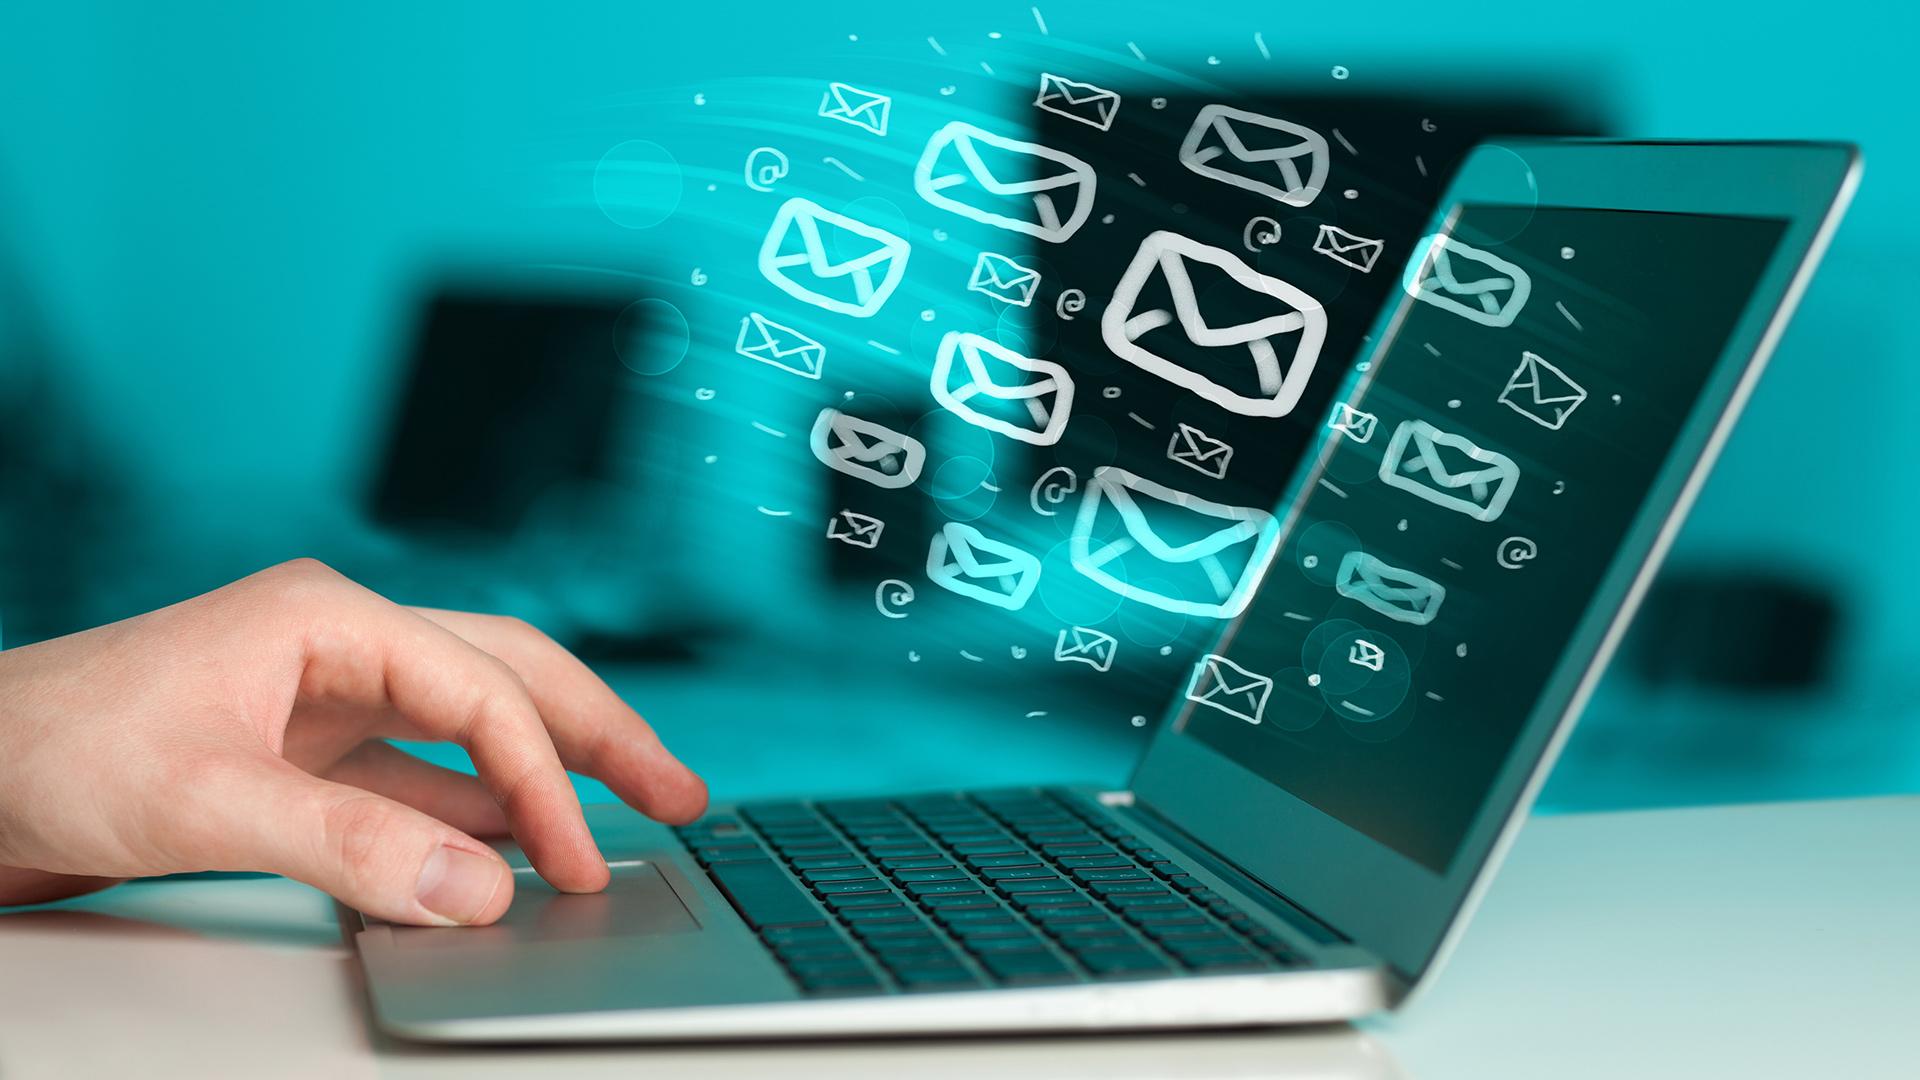 Cyber-escroquerie: La Police Nationale dévoile les méthodes via téléphone mobile